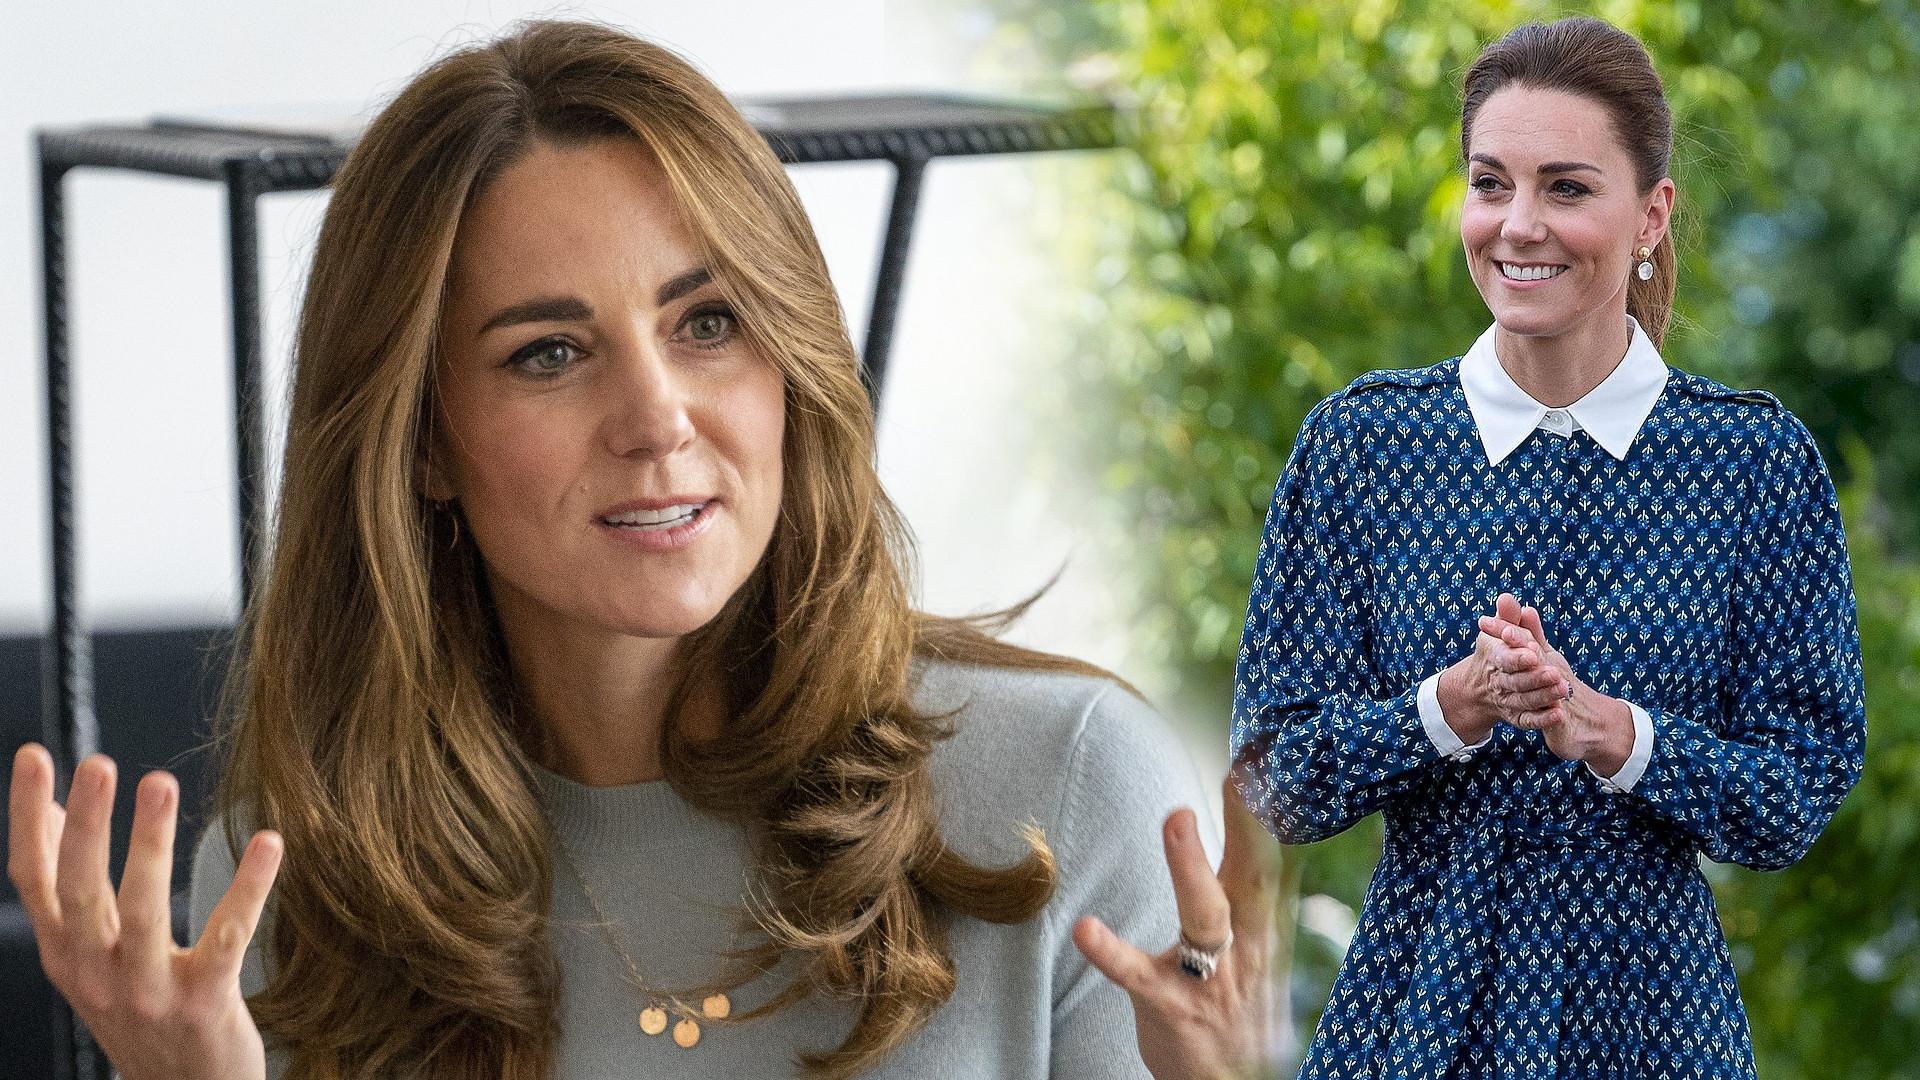 Księżna Kate jest poważnie chora? Niepokojące doniesienia z pałacu